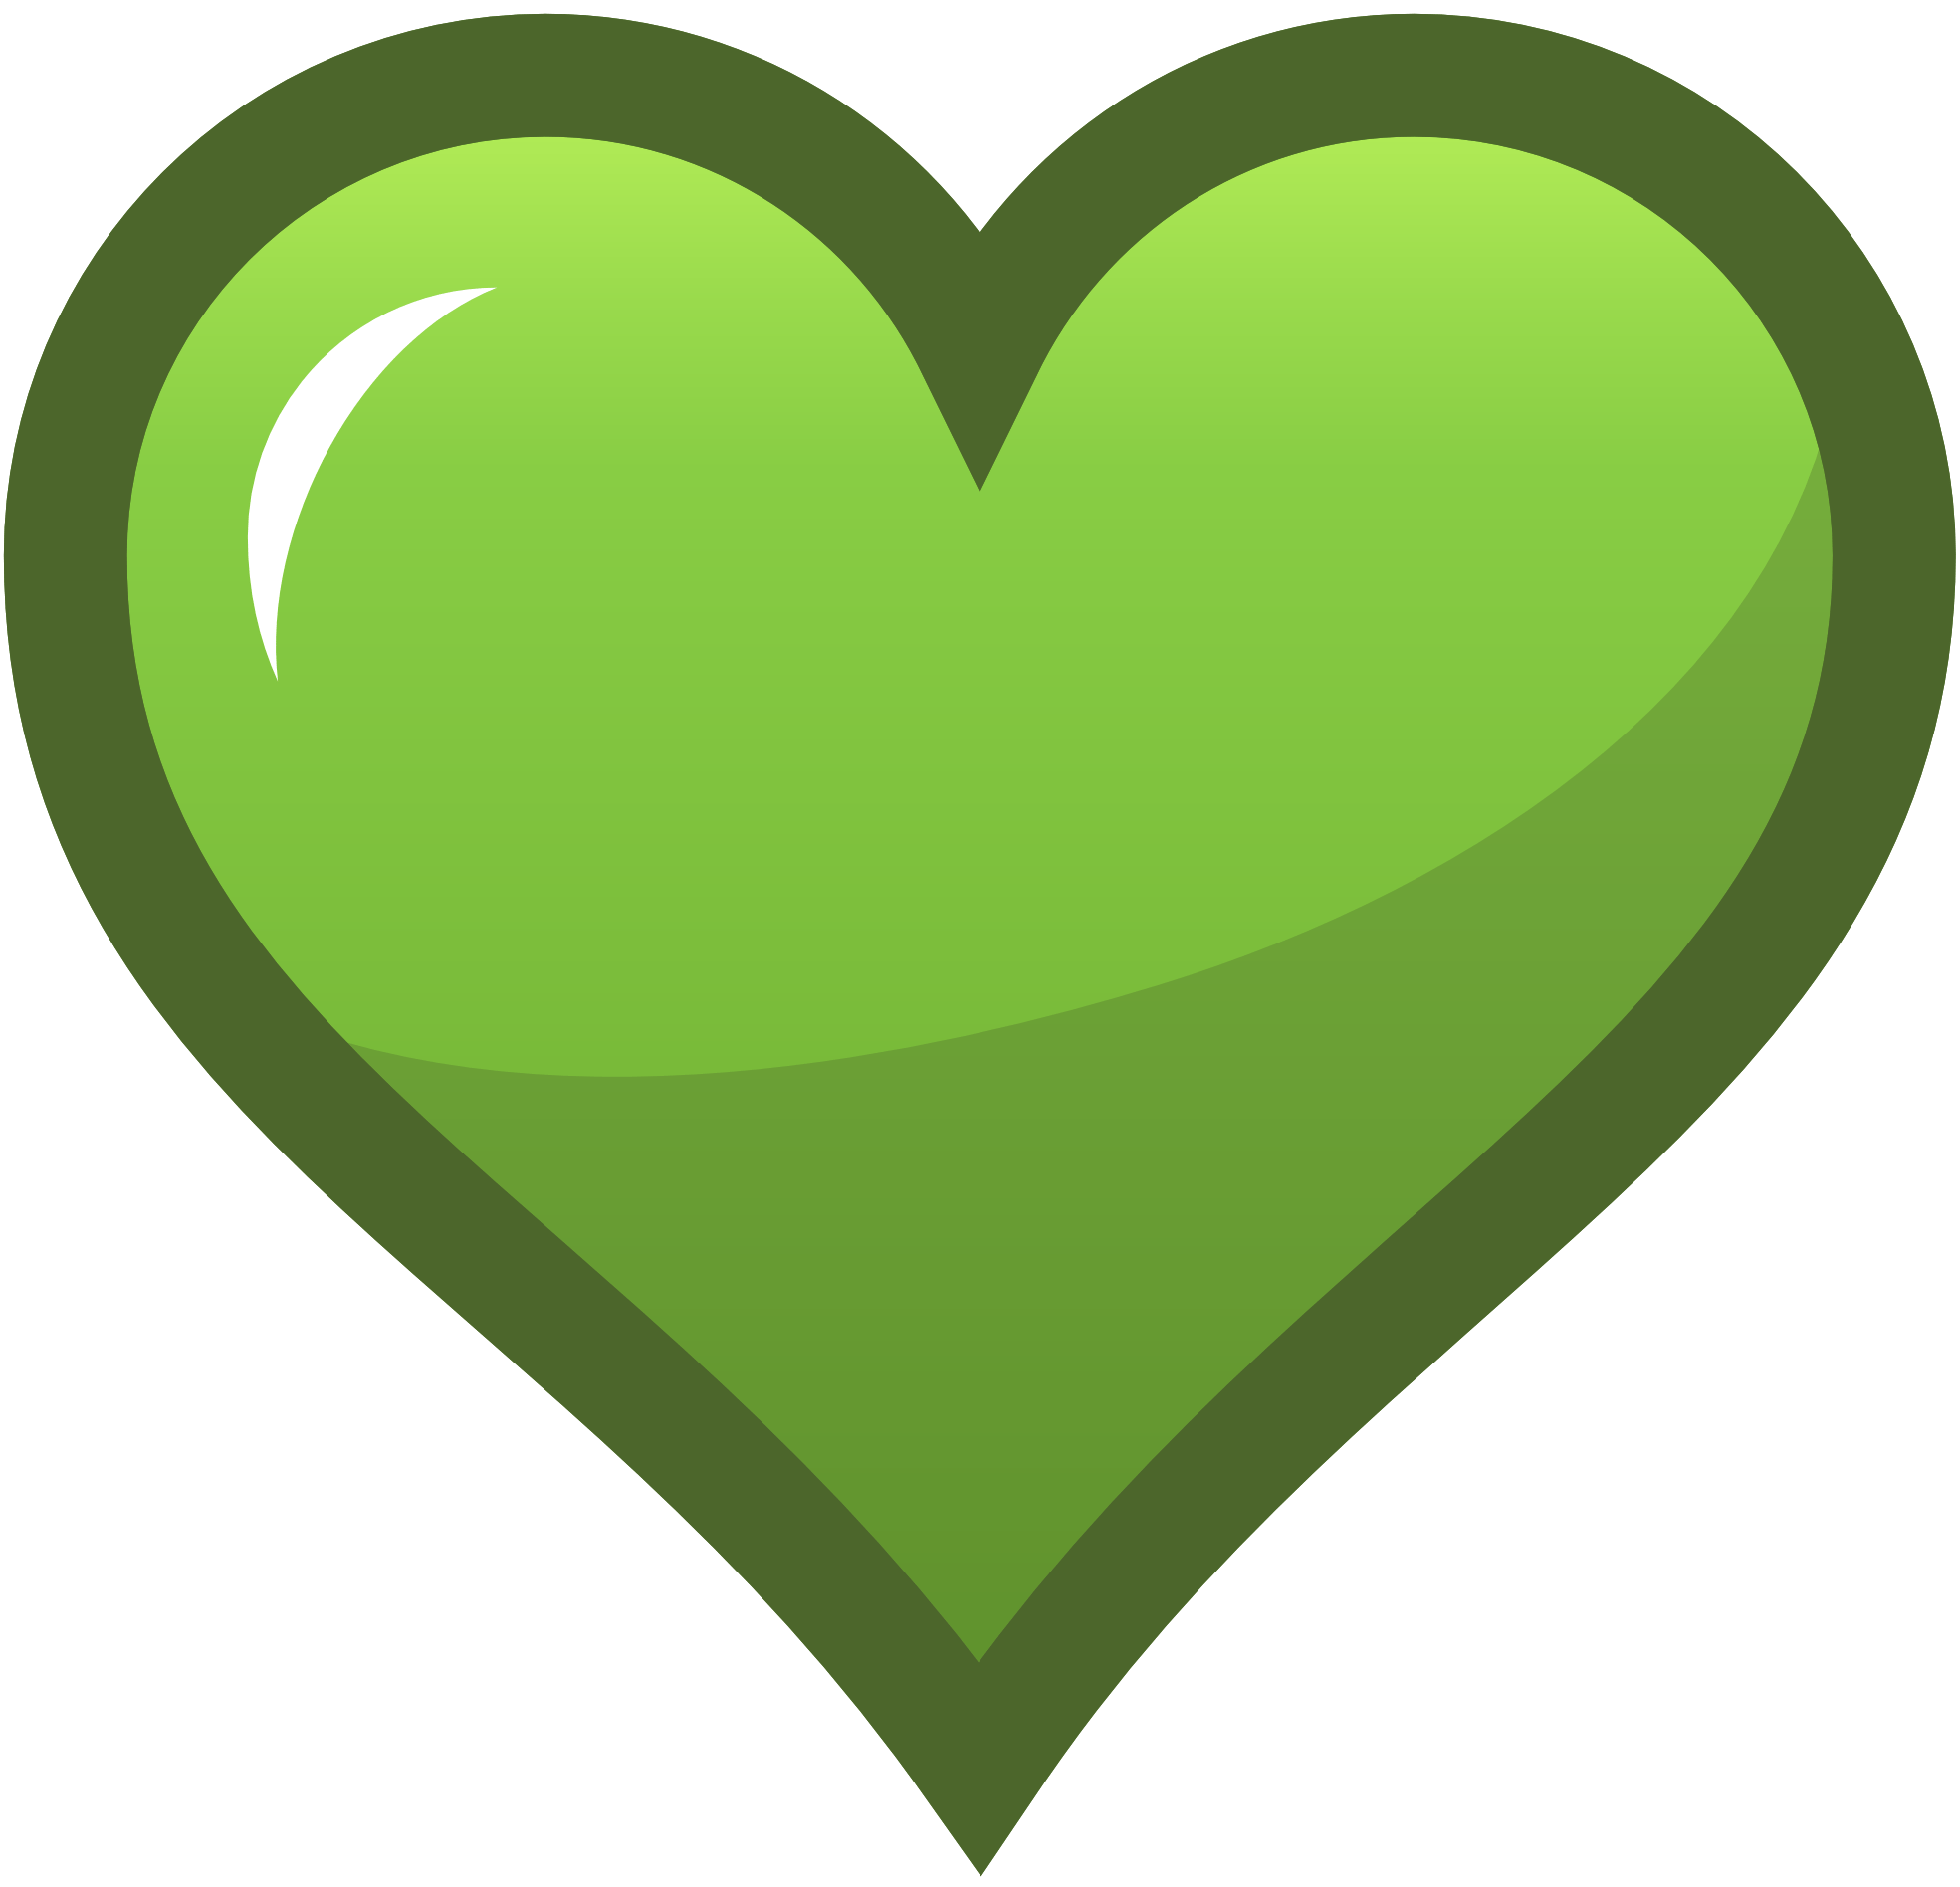 Green Heart Clipart